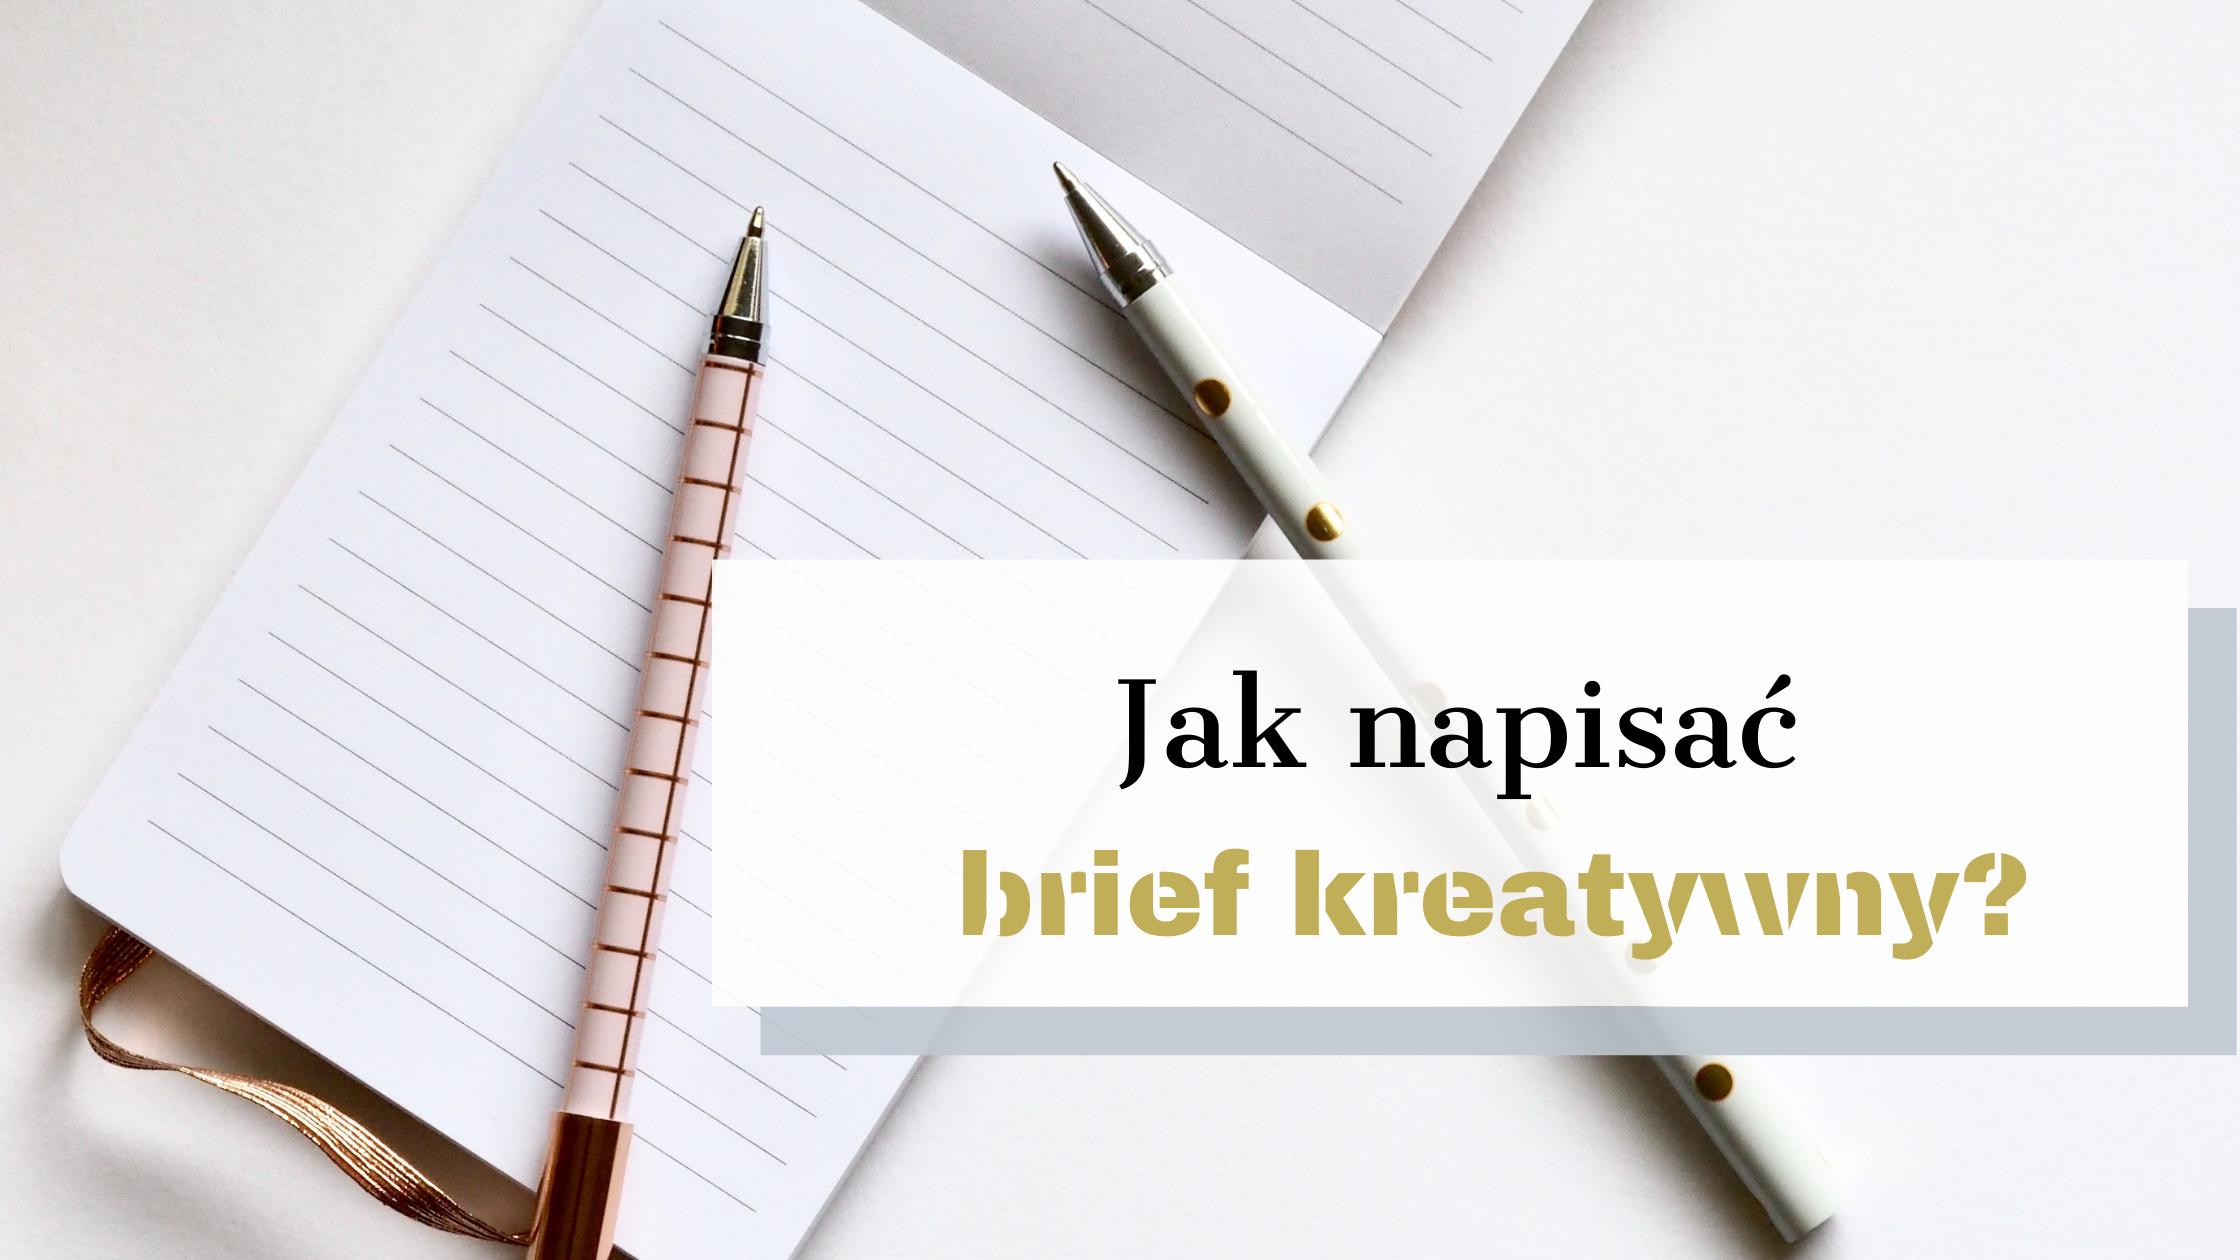 Jak napisać brief kreatywny, aby dostać dokładnie to, czego chcemy?